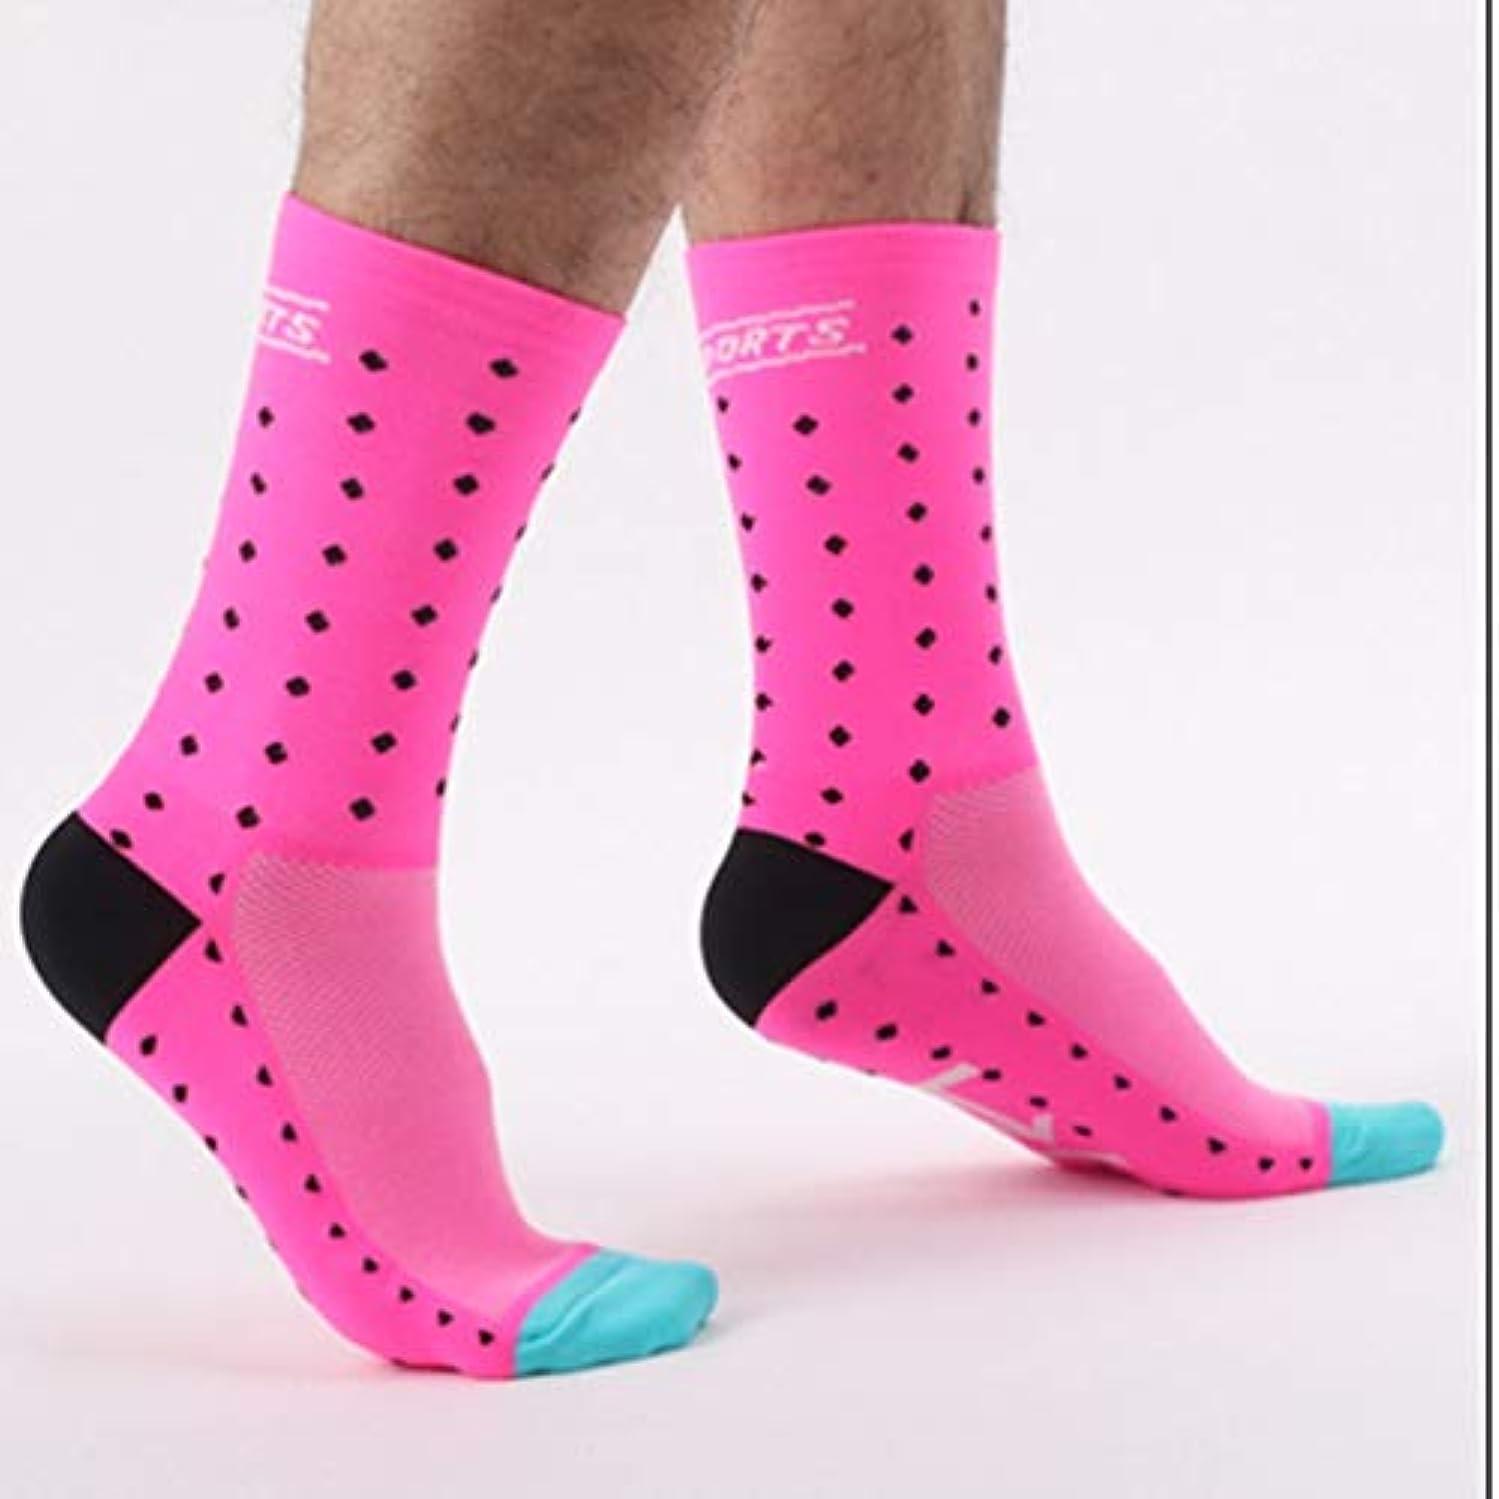 思慮のない勝者輝くDH04快適なファッショナブルな屋外サイクリングソックス男性女性プロの通気性スポーツソックスバスケットボールソックス - ピンク